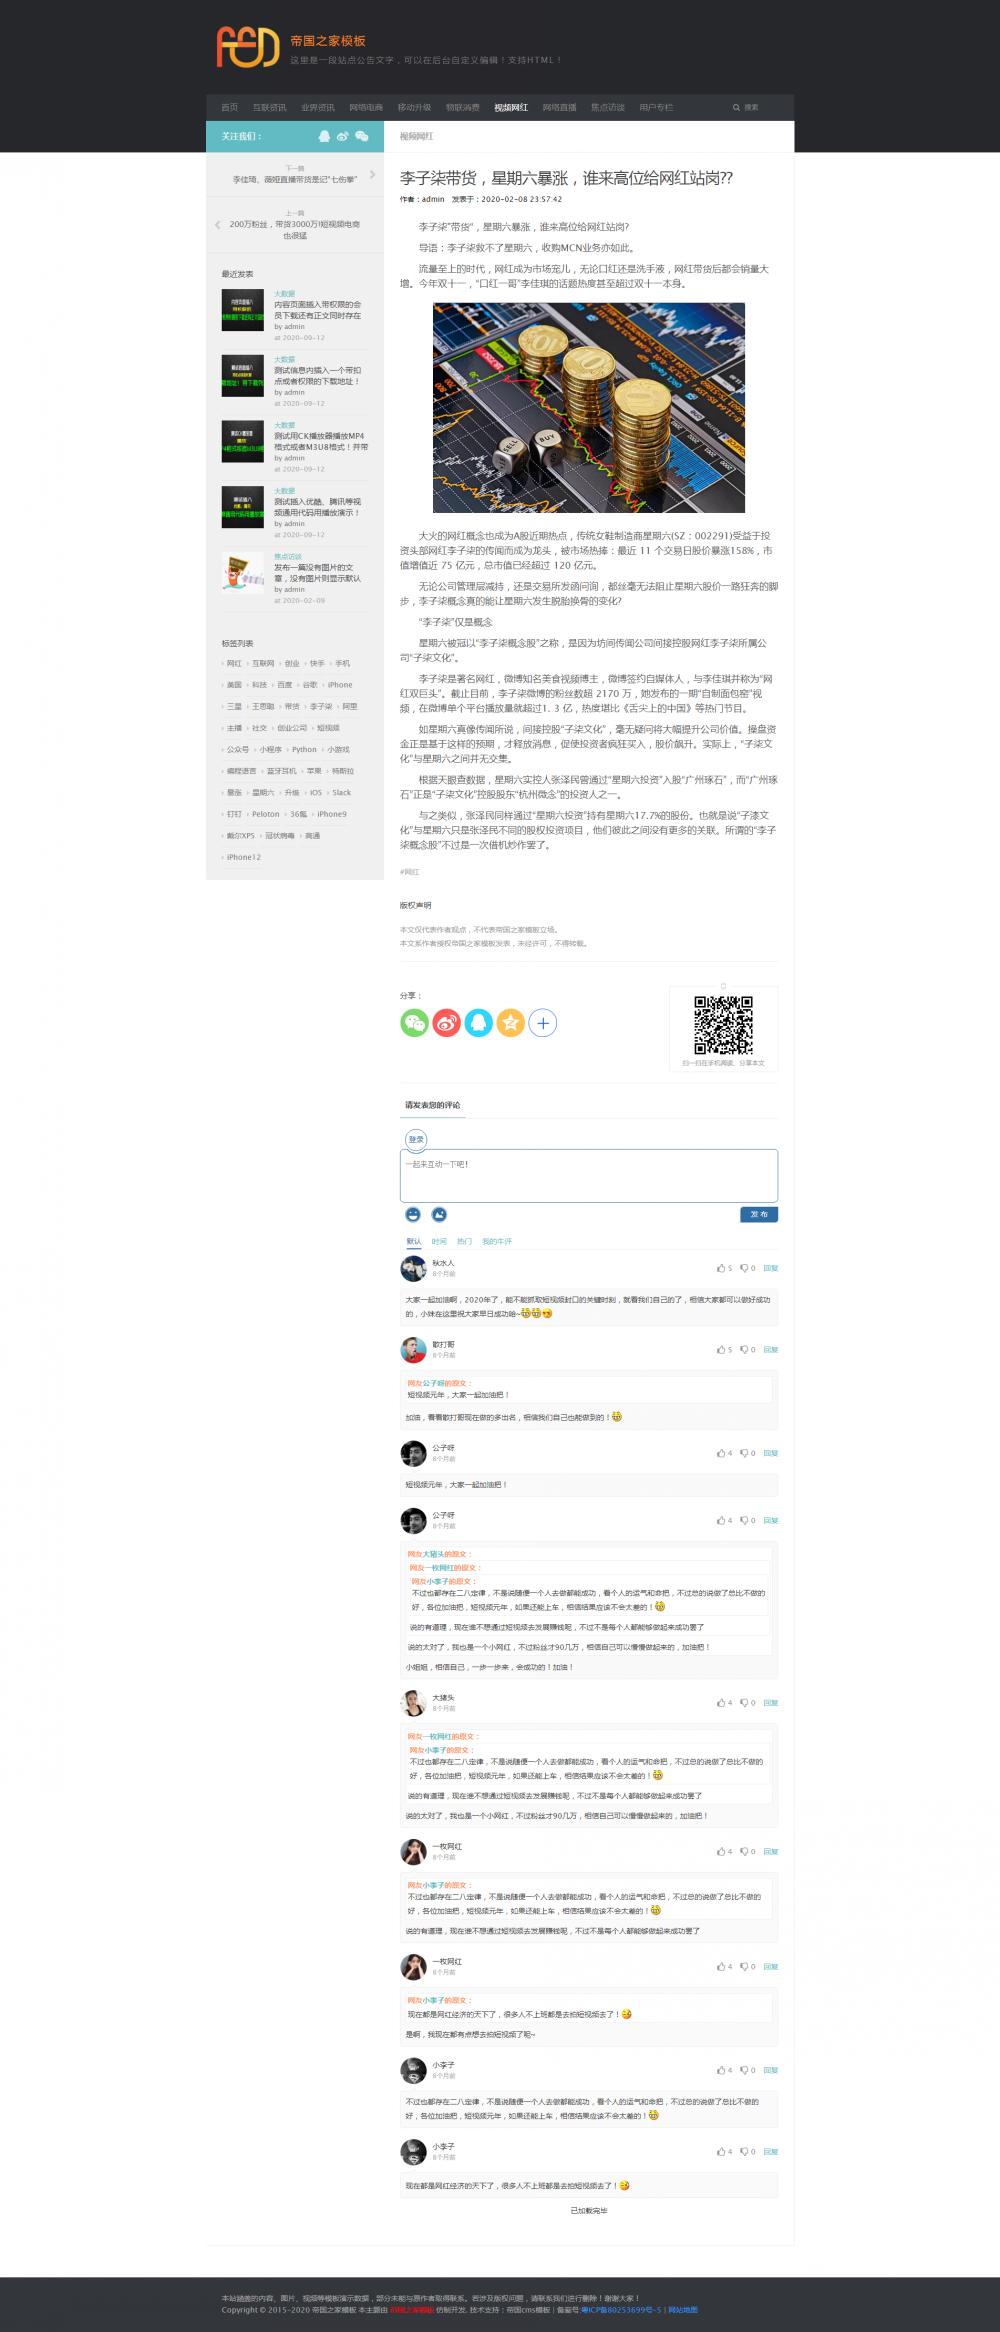 3文章内容页.png [DG-0161]帝国cms响应式个人博客模板 自适应个人住主页网站模板 博客文章 第3张